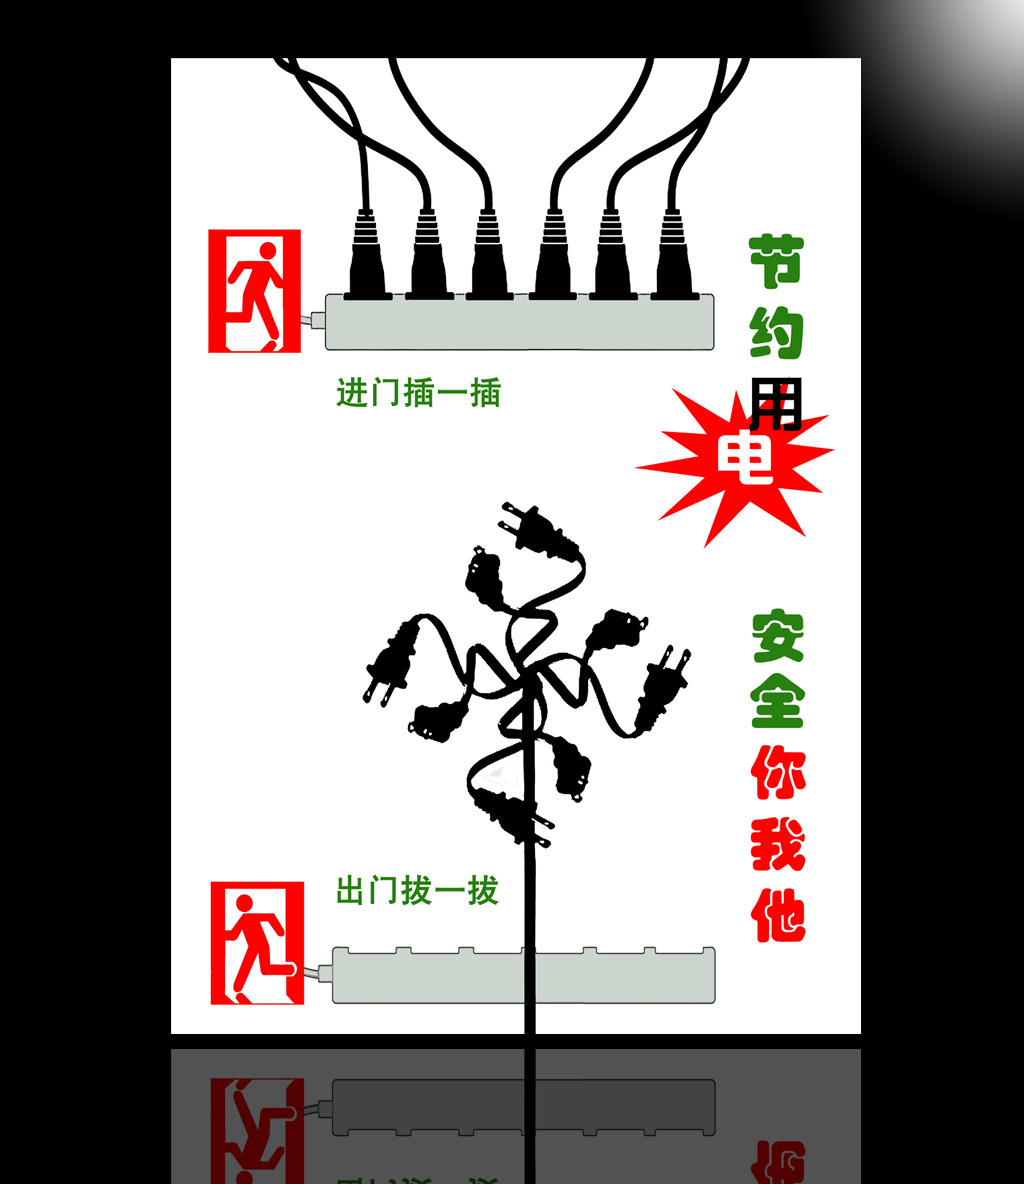 低碳节能环保公益宣传海报招贴